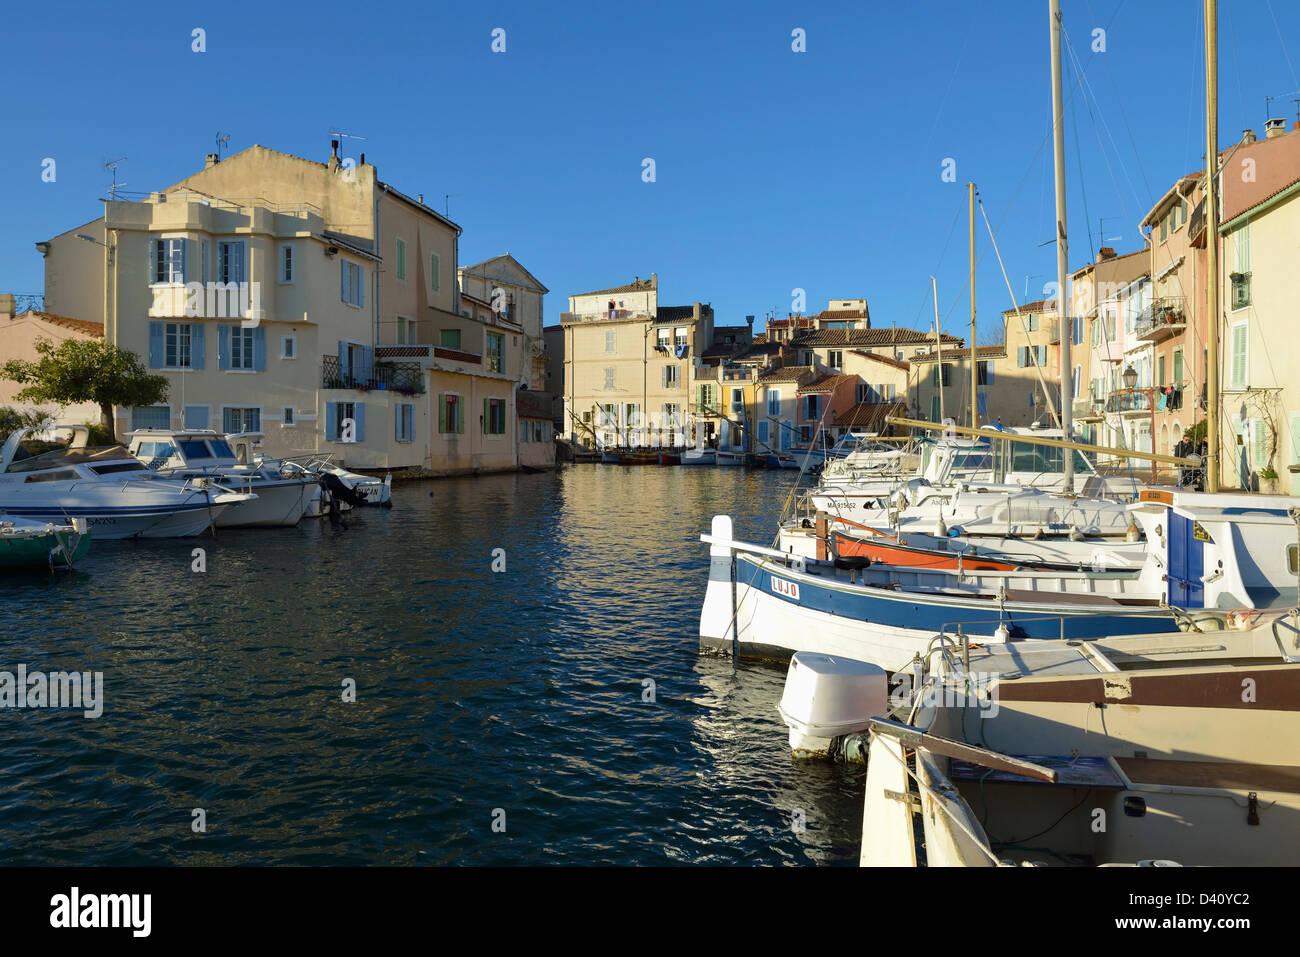 Le quai Brescon, Miroir aux oiseaux, dans le vieux centre de l'île partie de Martigues, Provence, France Photo Stock